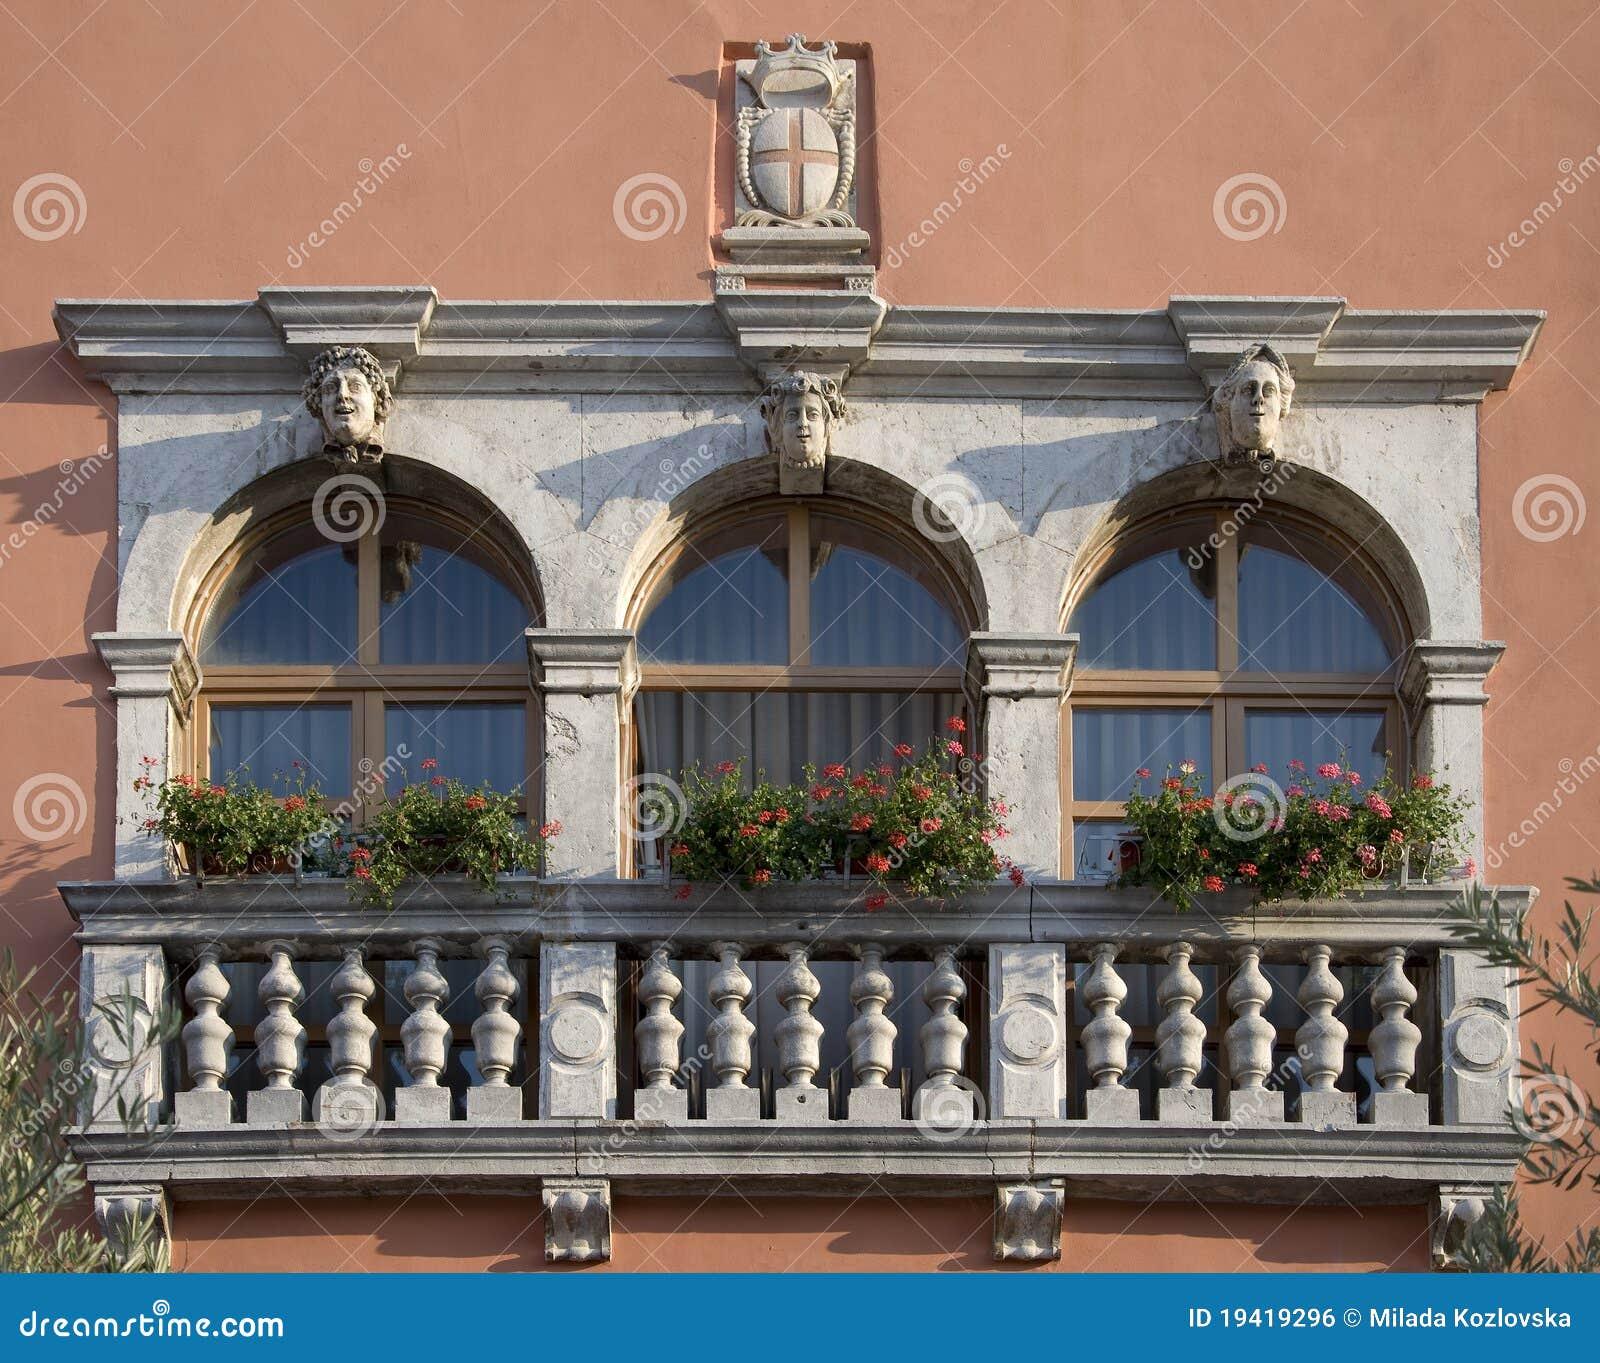 Historical windows in Vodnjan